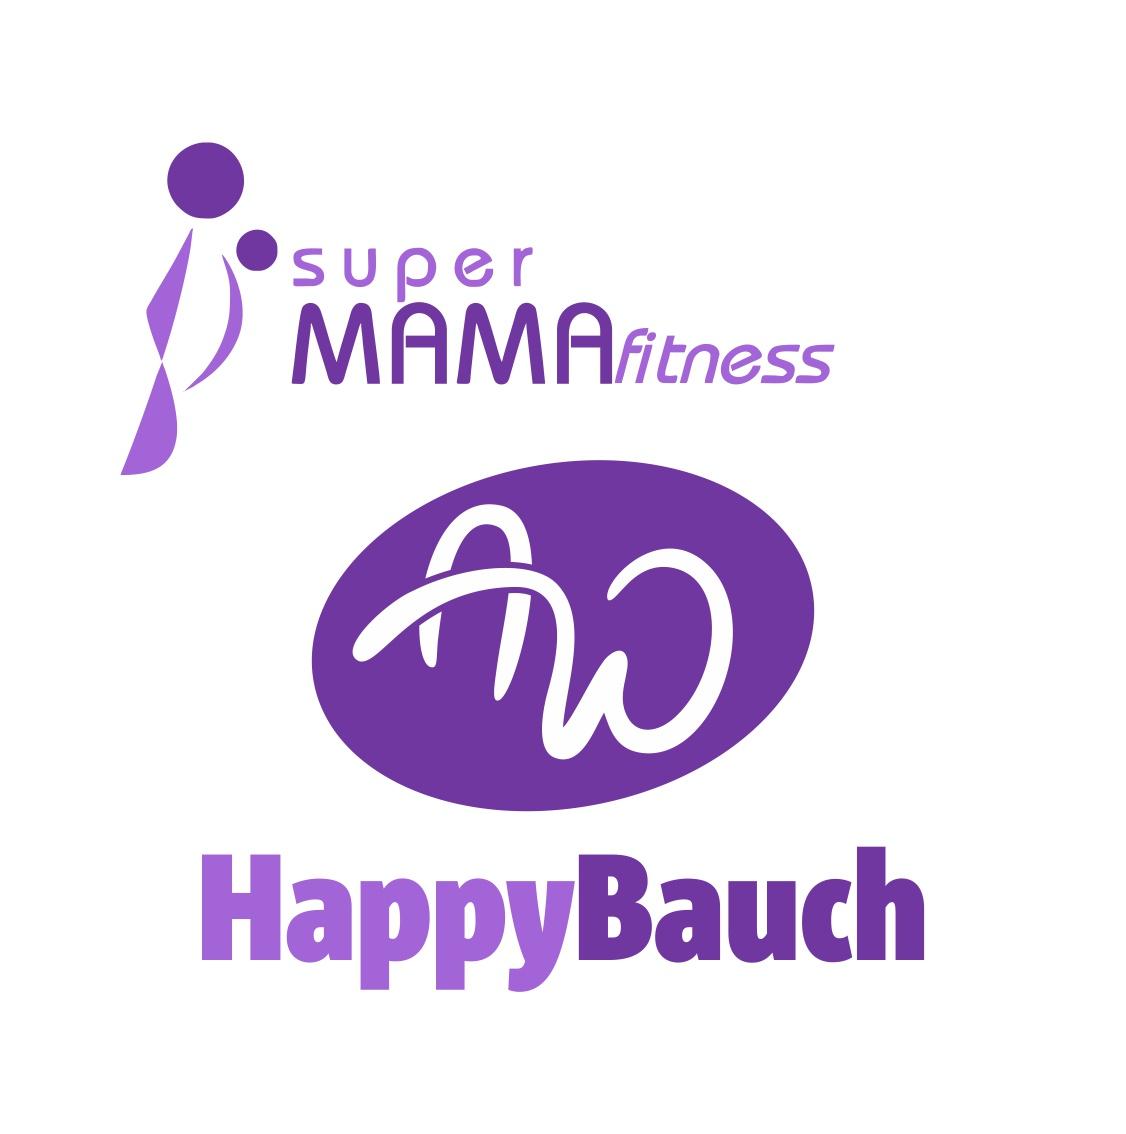 HappyBauch